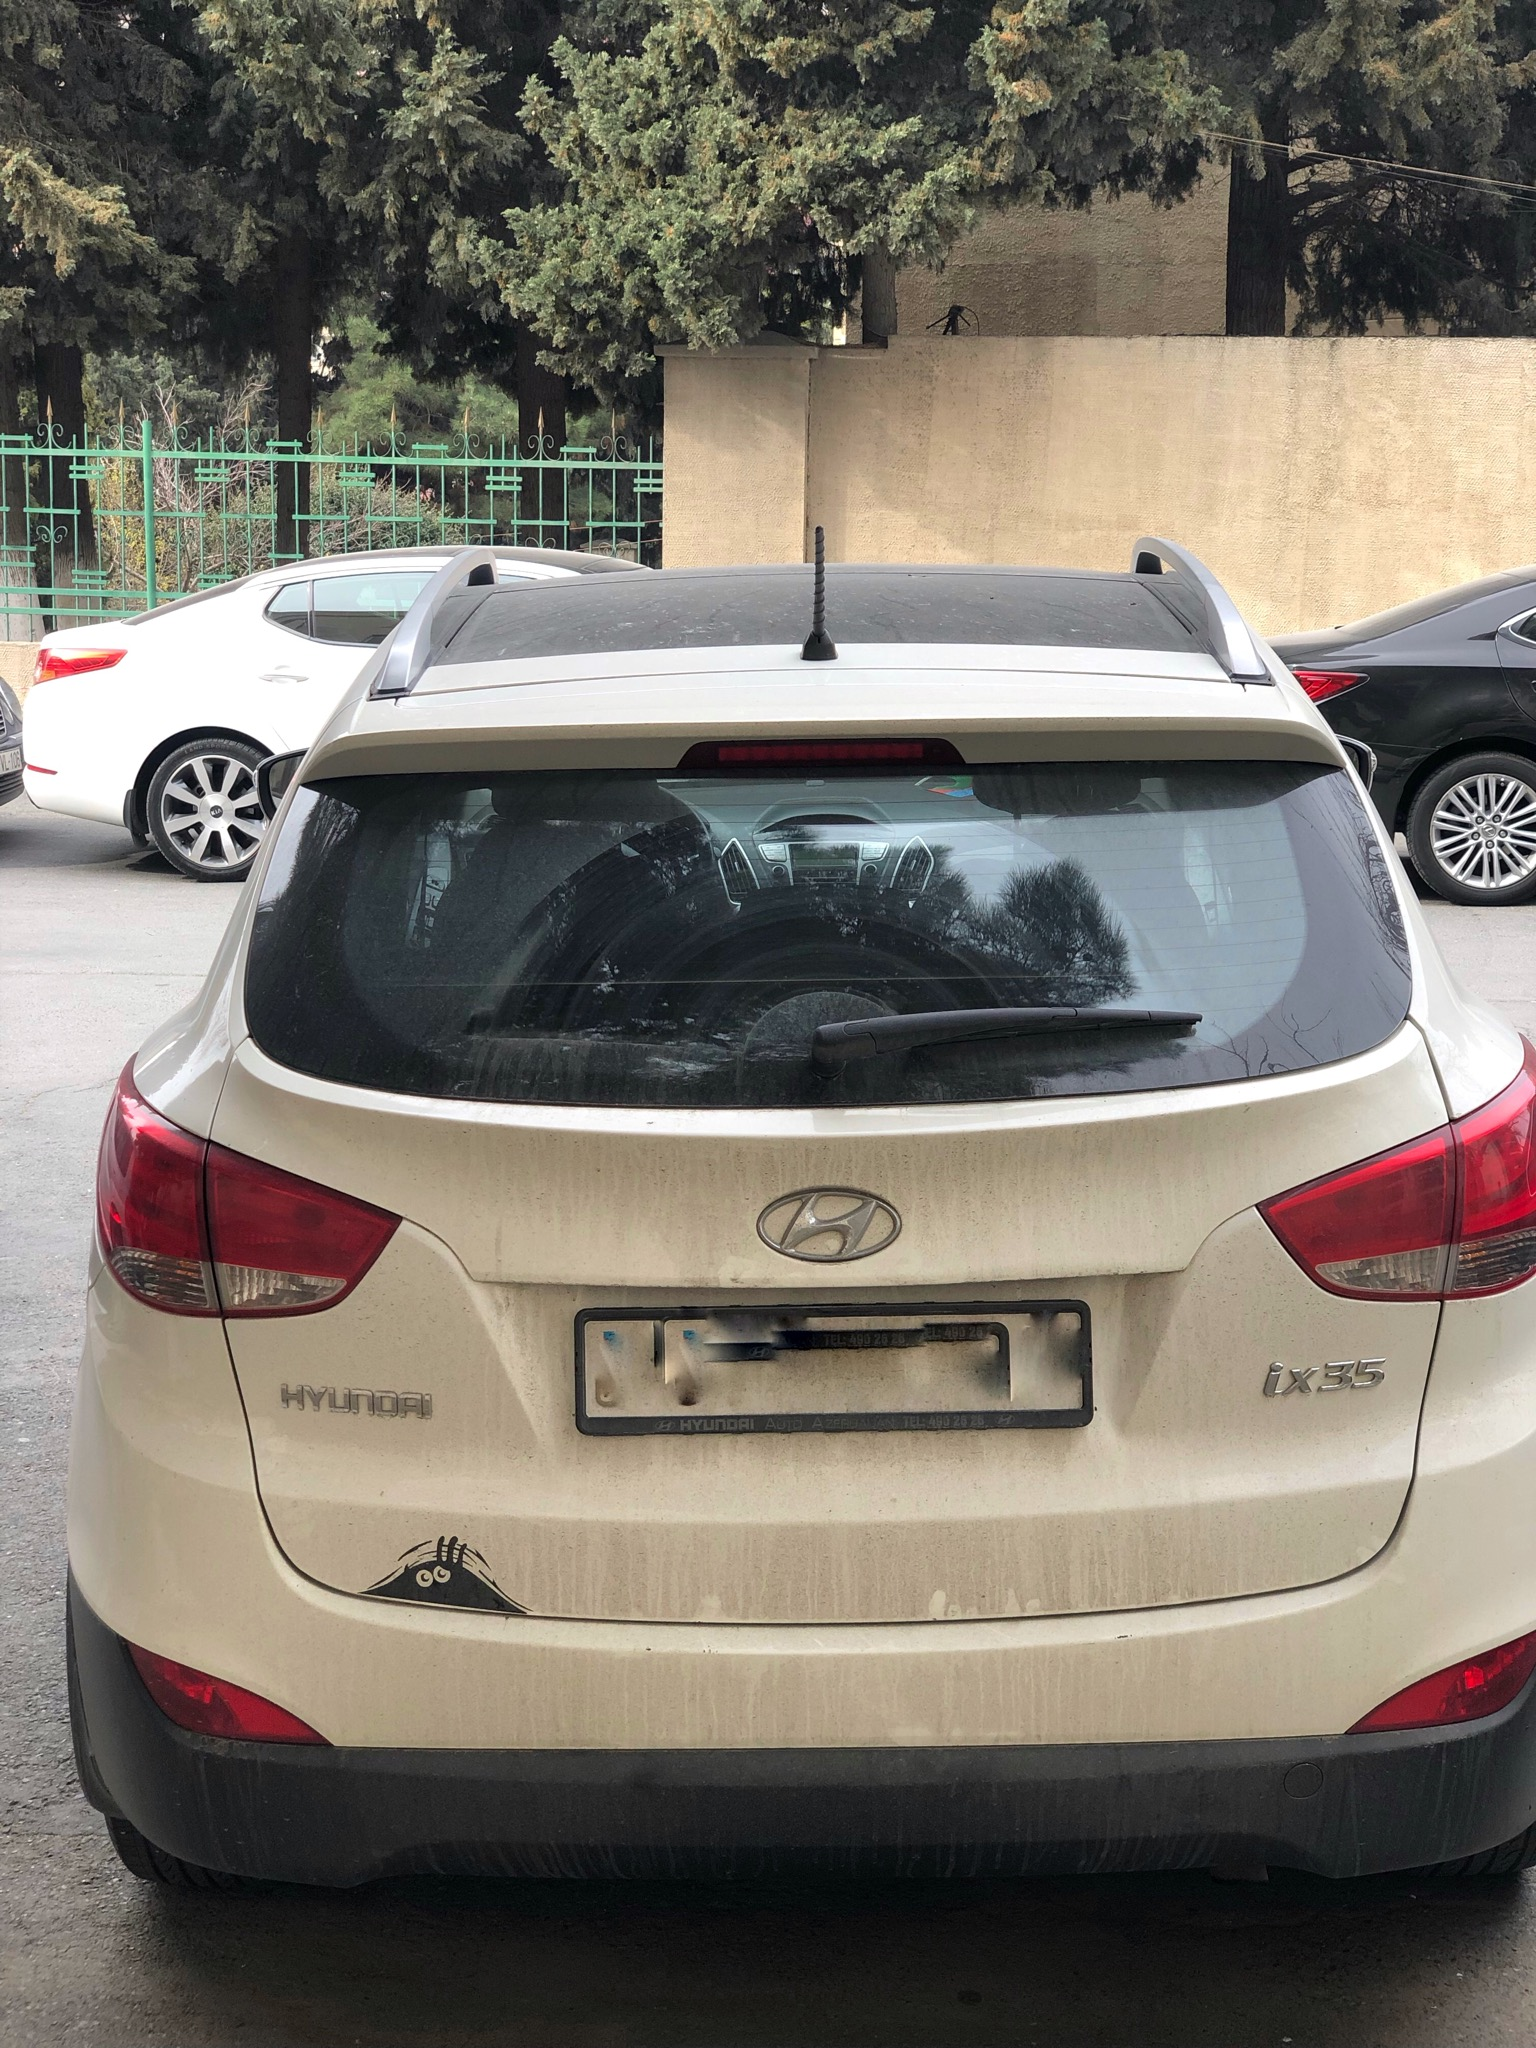 Hyundai ix 35 2.0(lt) 2012 Подержанный  $10000